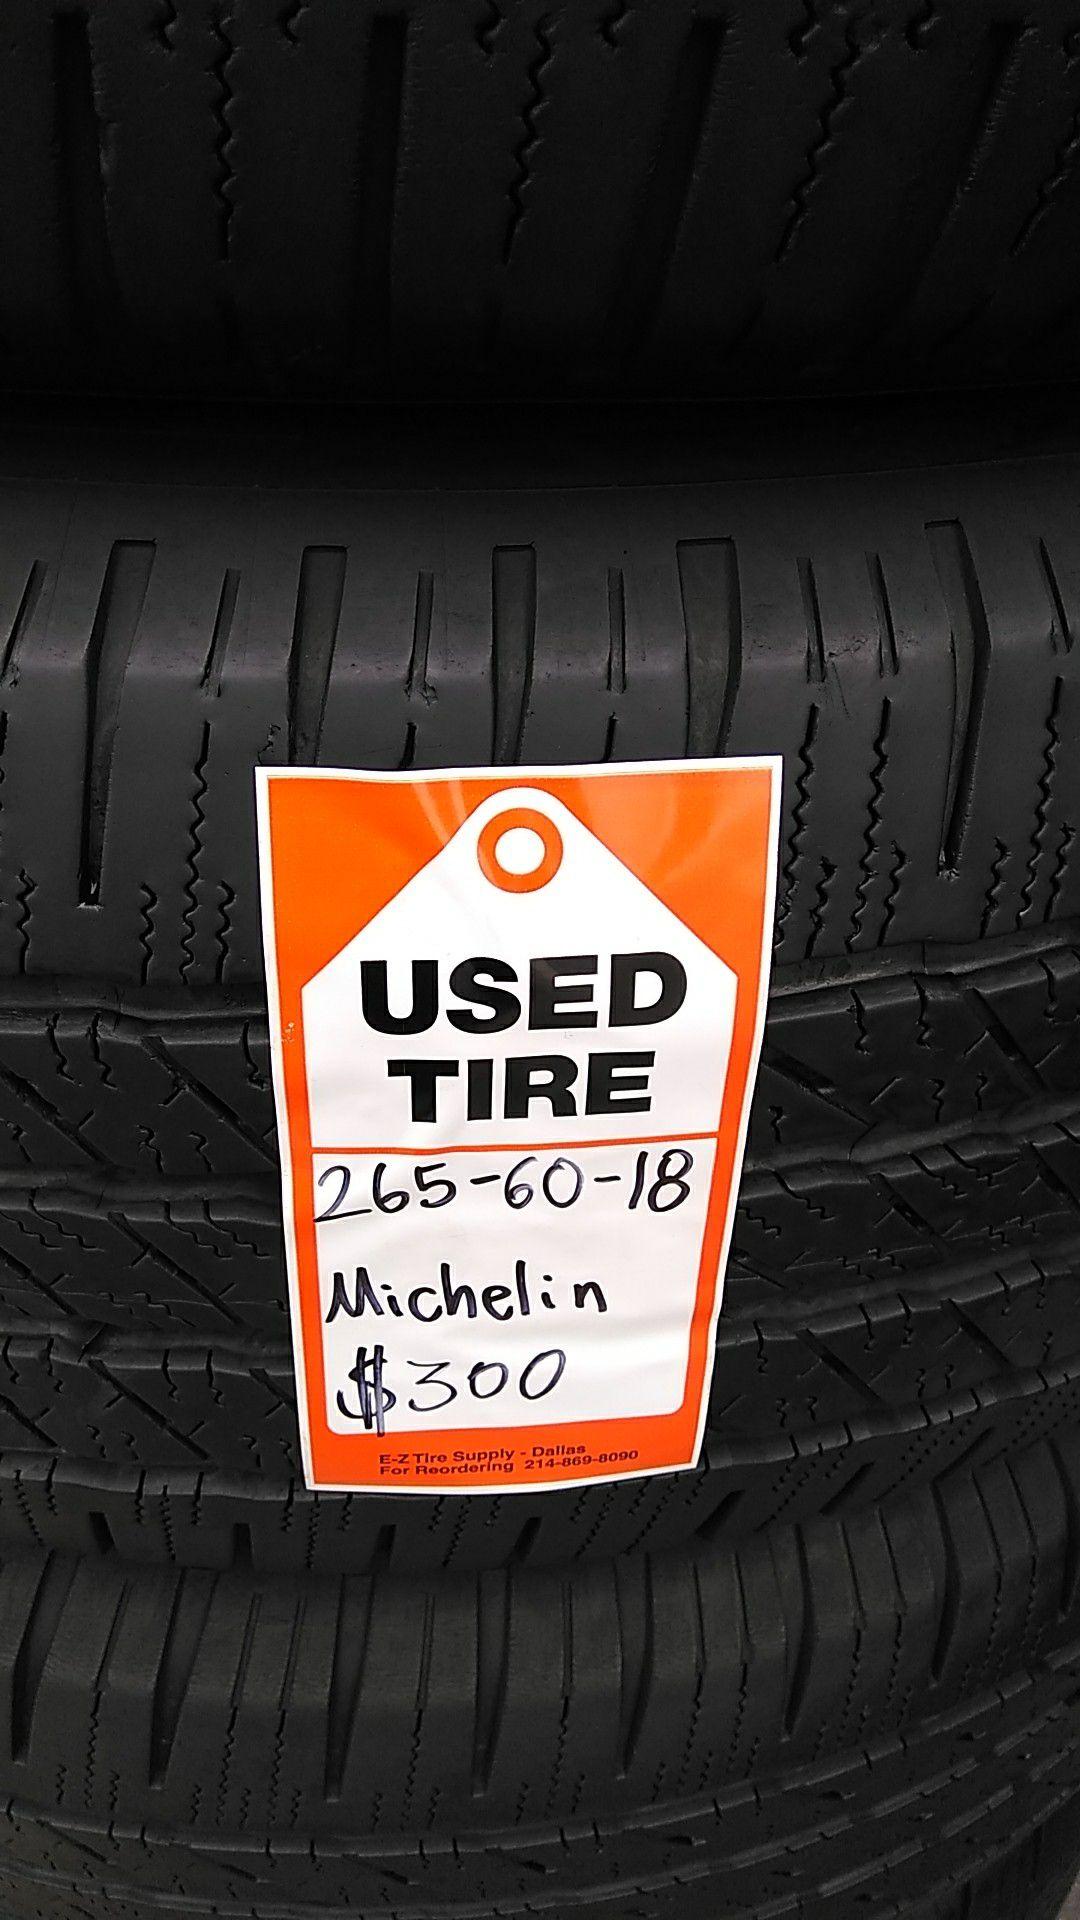 265-60-18 Michelin